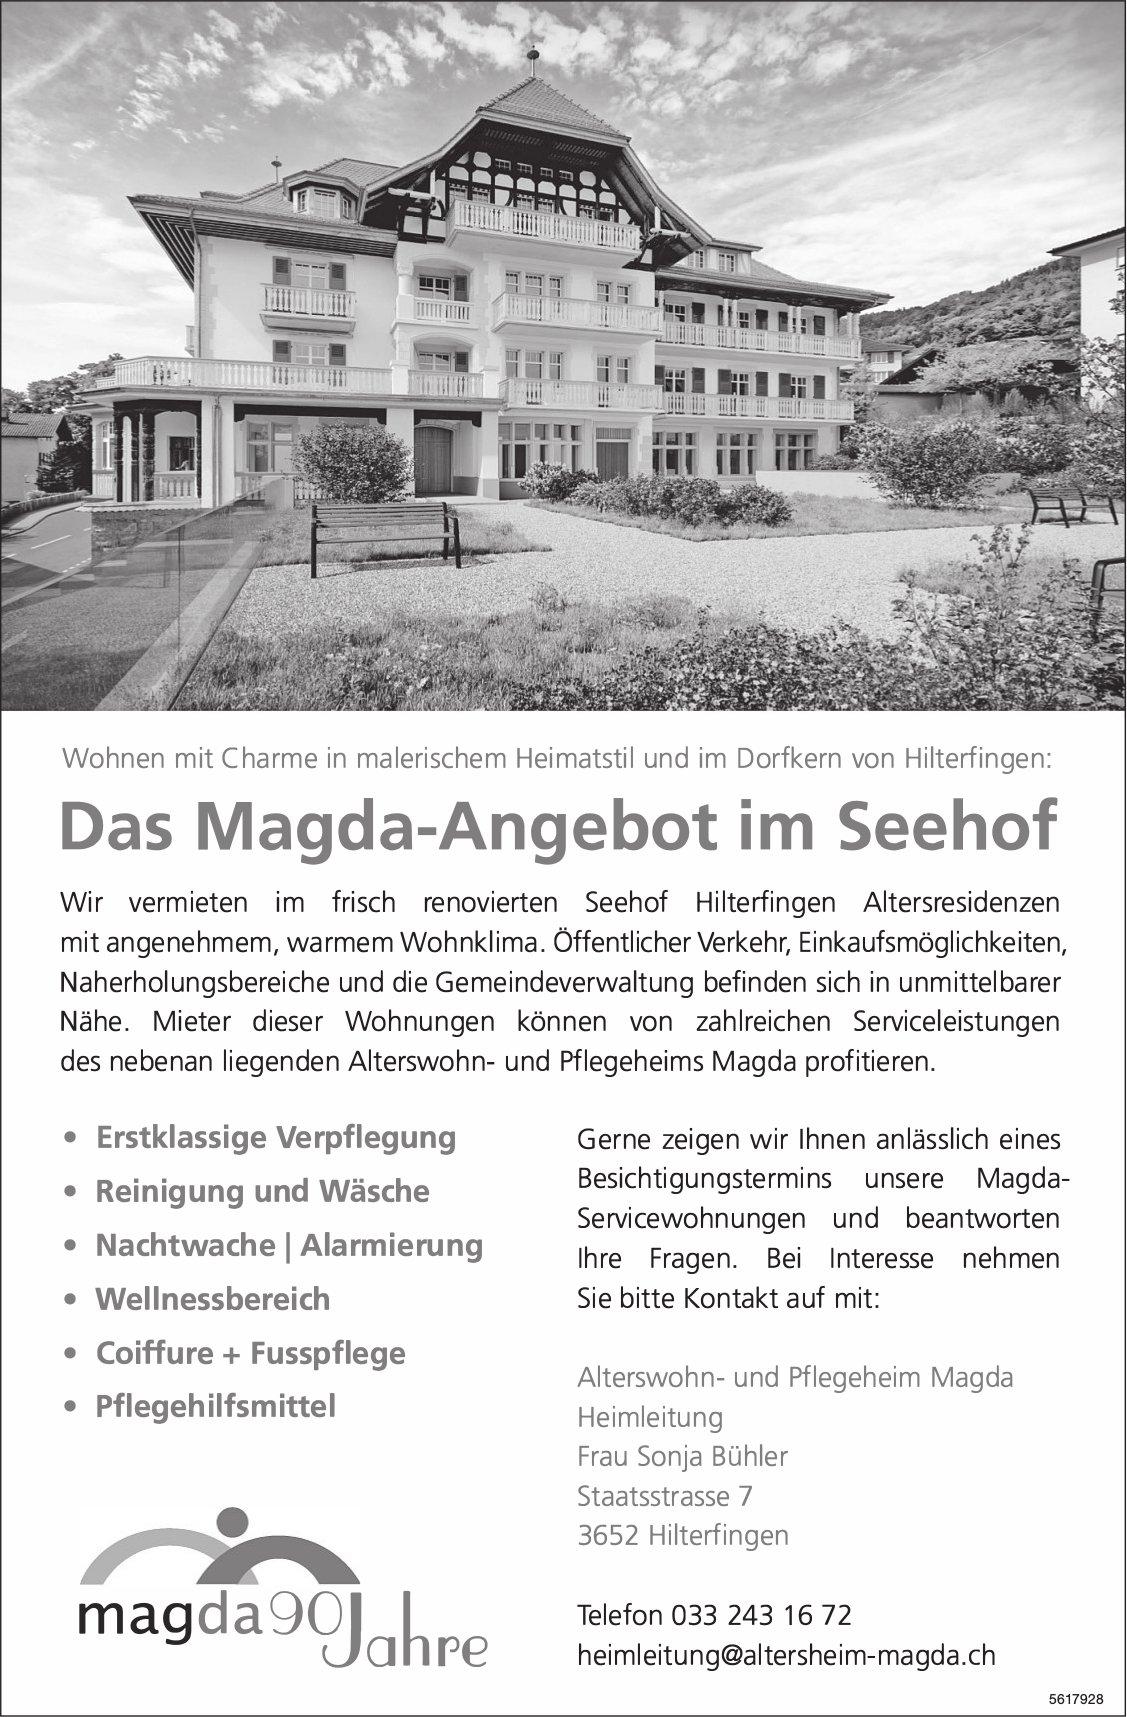 Das Magda-Angebot im Seehof, Hilterfingen